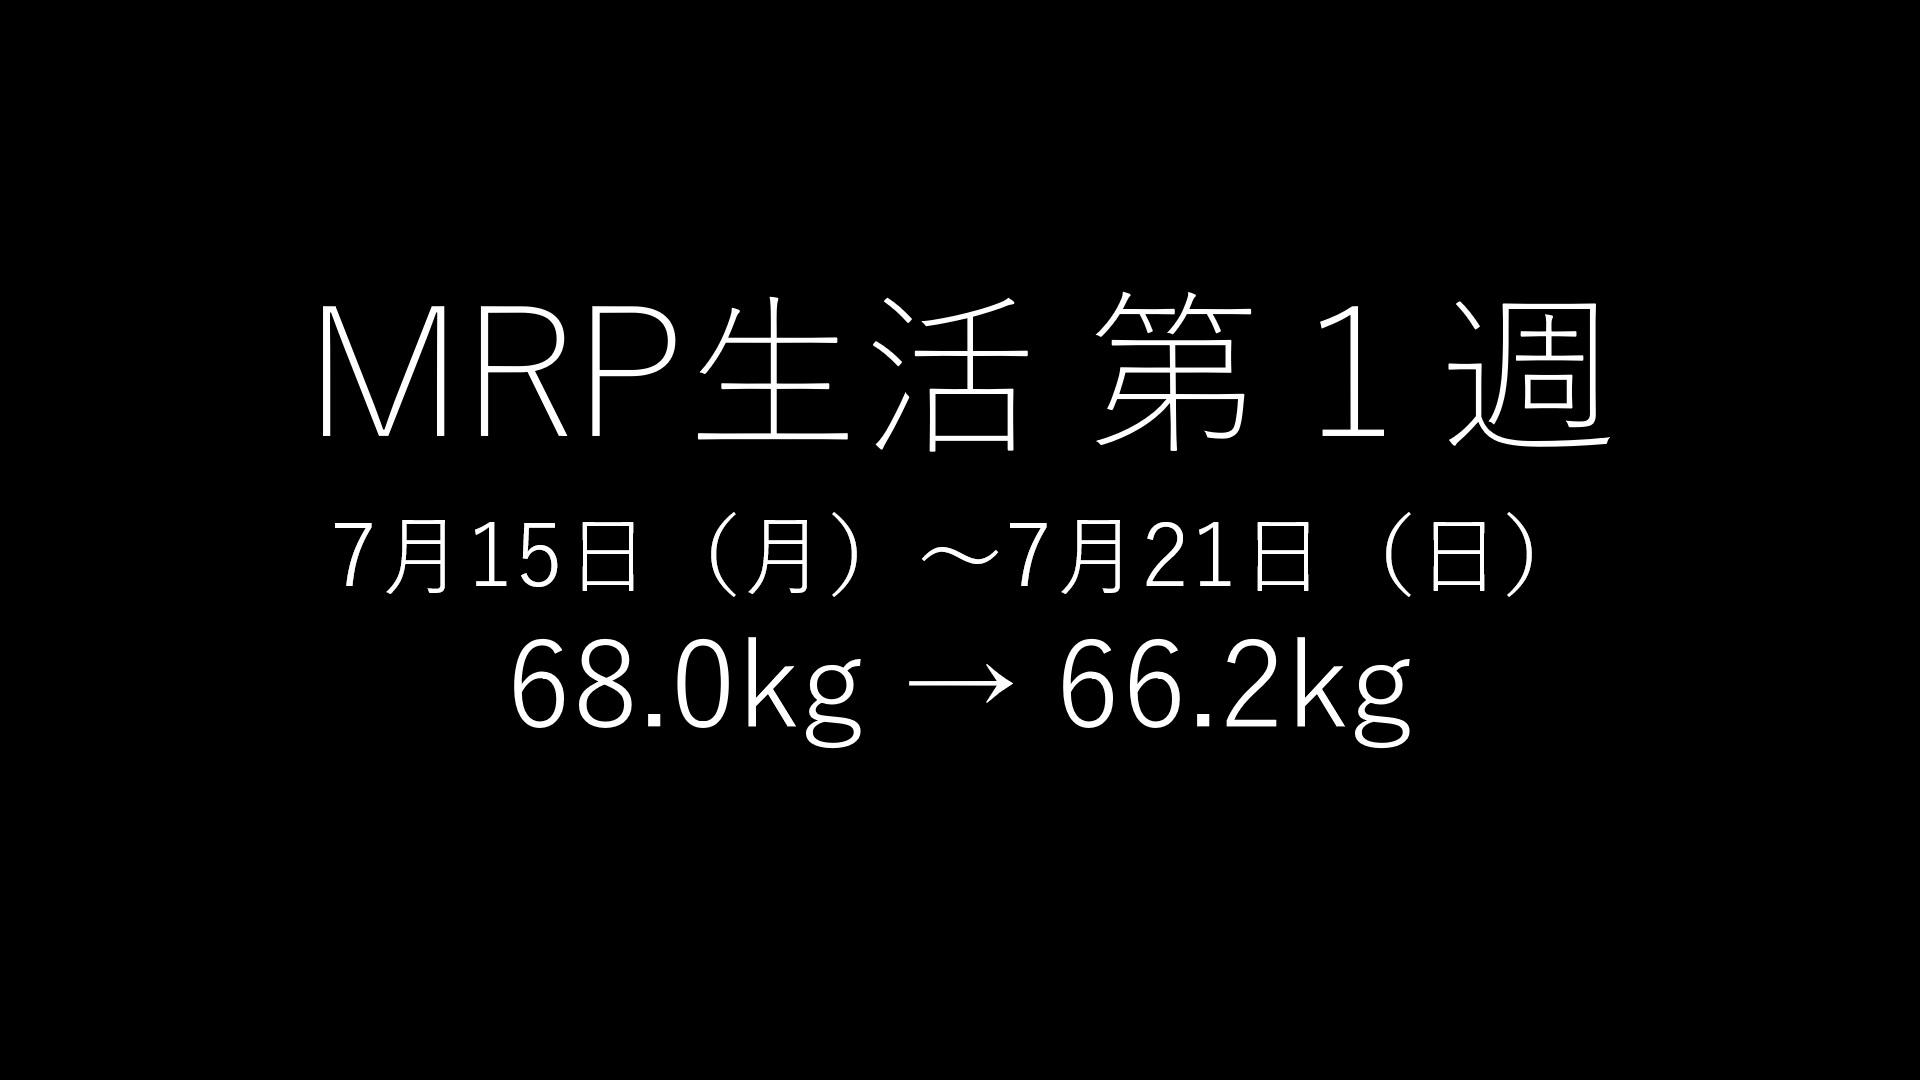 「基本的にMRPだけで生きてみる」第1回のアイキャッチ画像